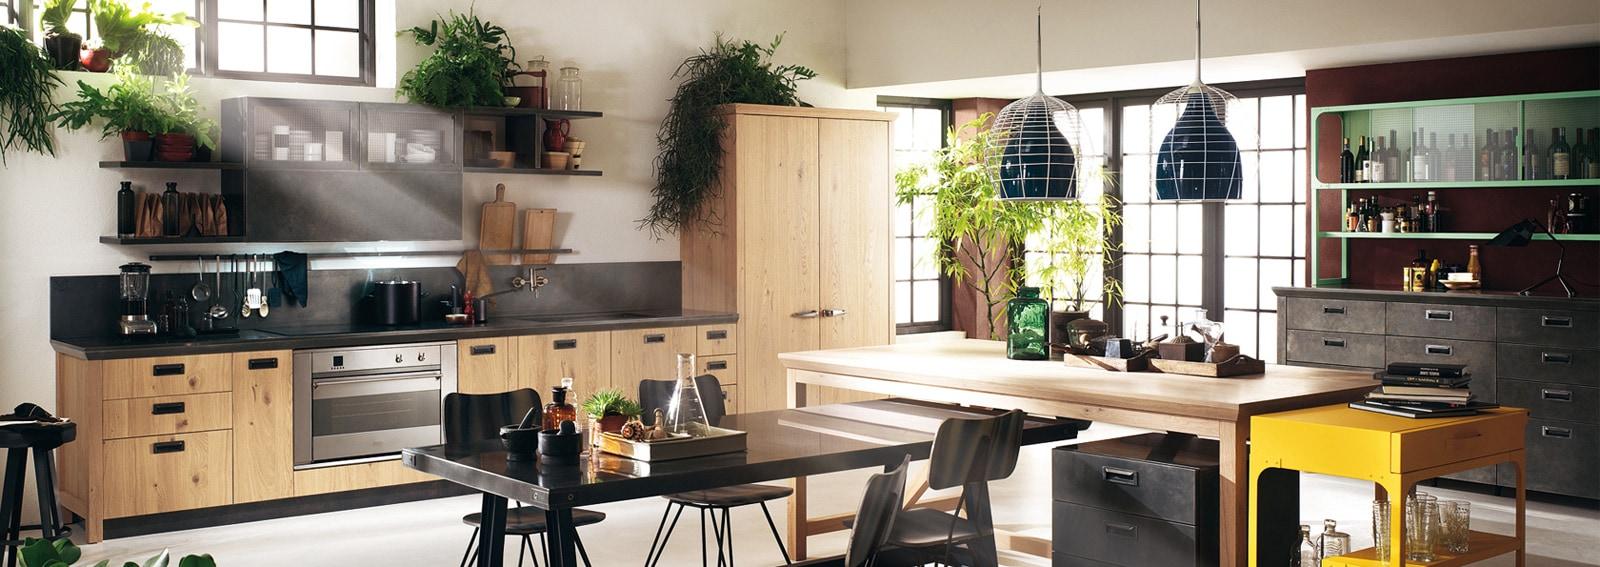 Stile industriale le cucine pi belle - Cucine piu belle ...